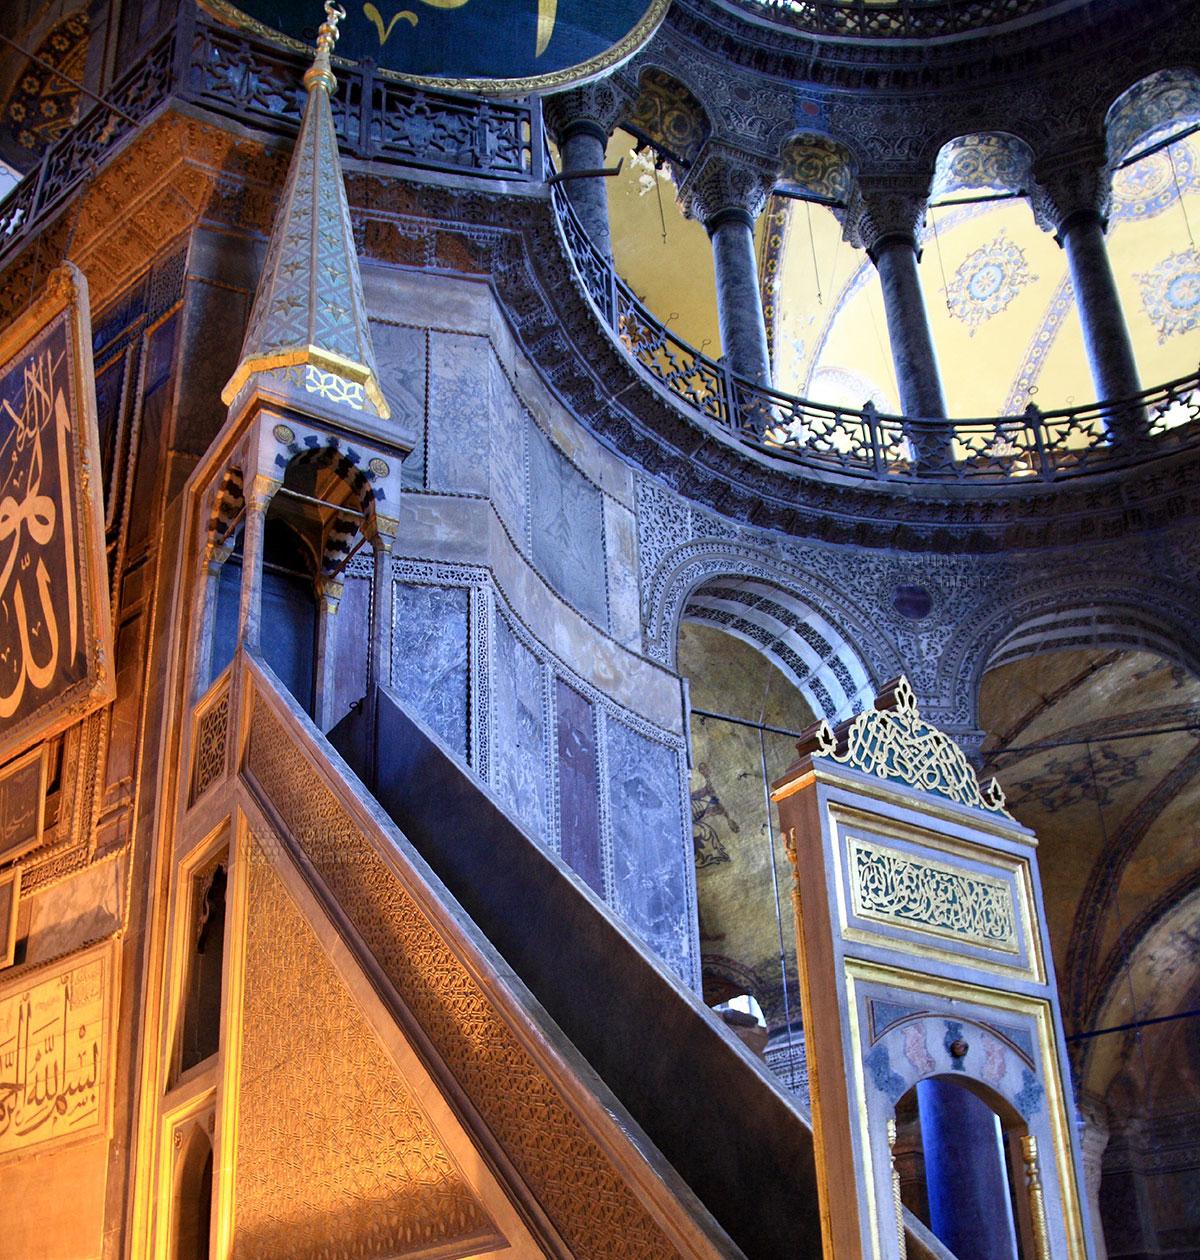 Мусульманское преображение византийского Софийского собора. Ориентированный на Мекку исламский минбар, аналог христианского амвона для проповедников.